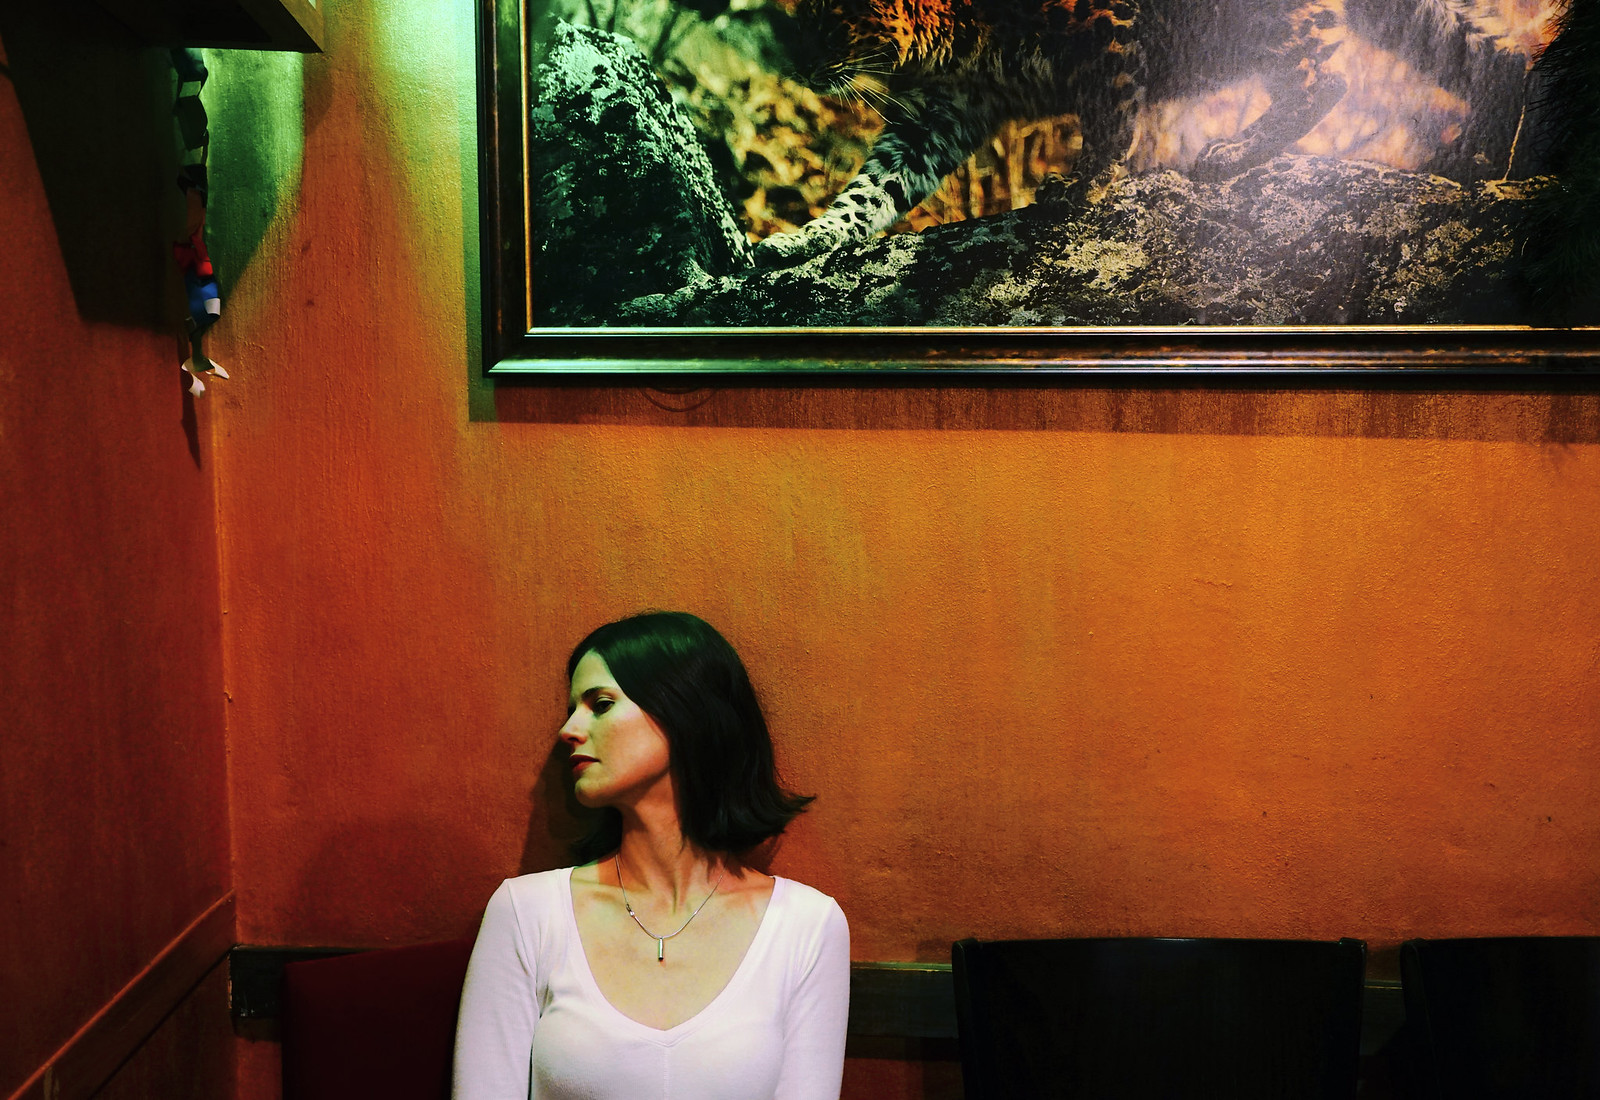 Debora | by Sona Maletz